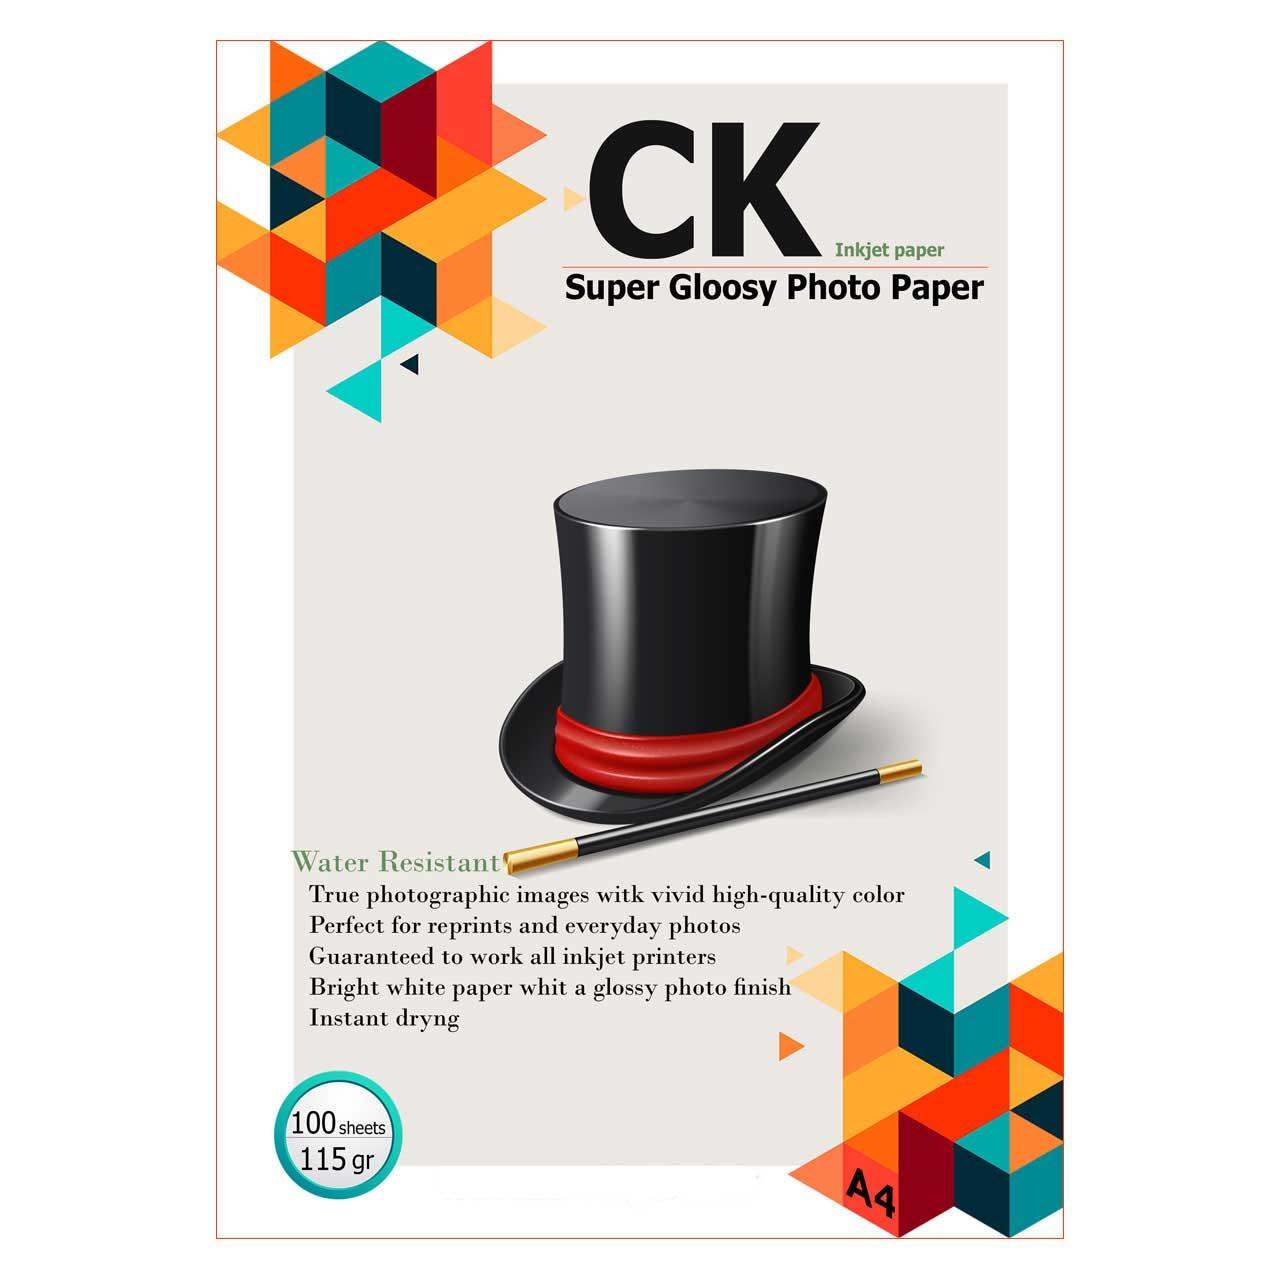 کاغذ گلاسه سی کی 115 گرم سایز A4 بسته 100 عددی - مخصوص پرینتر جوهر افشان